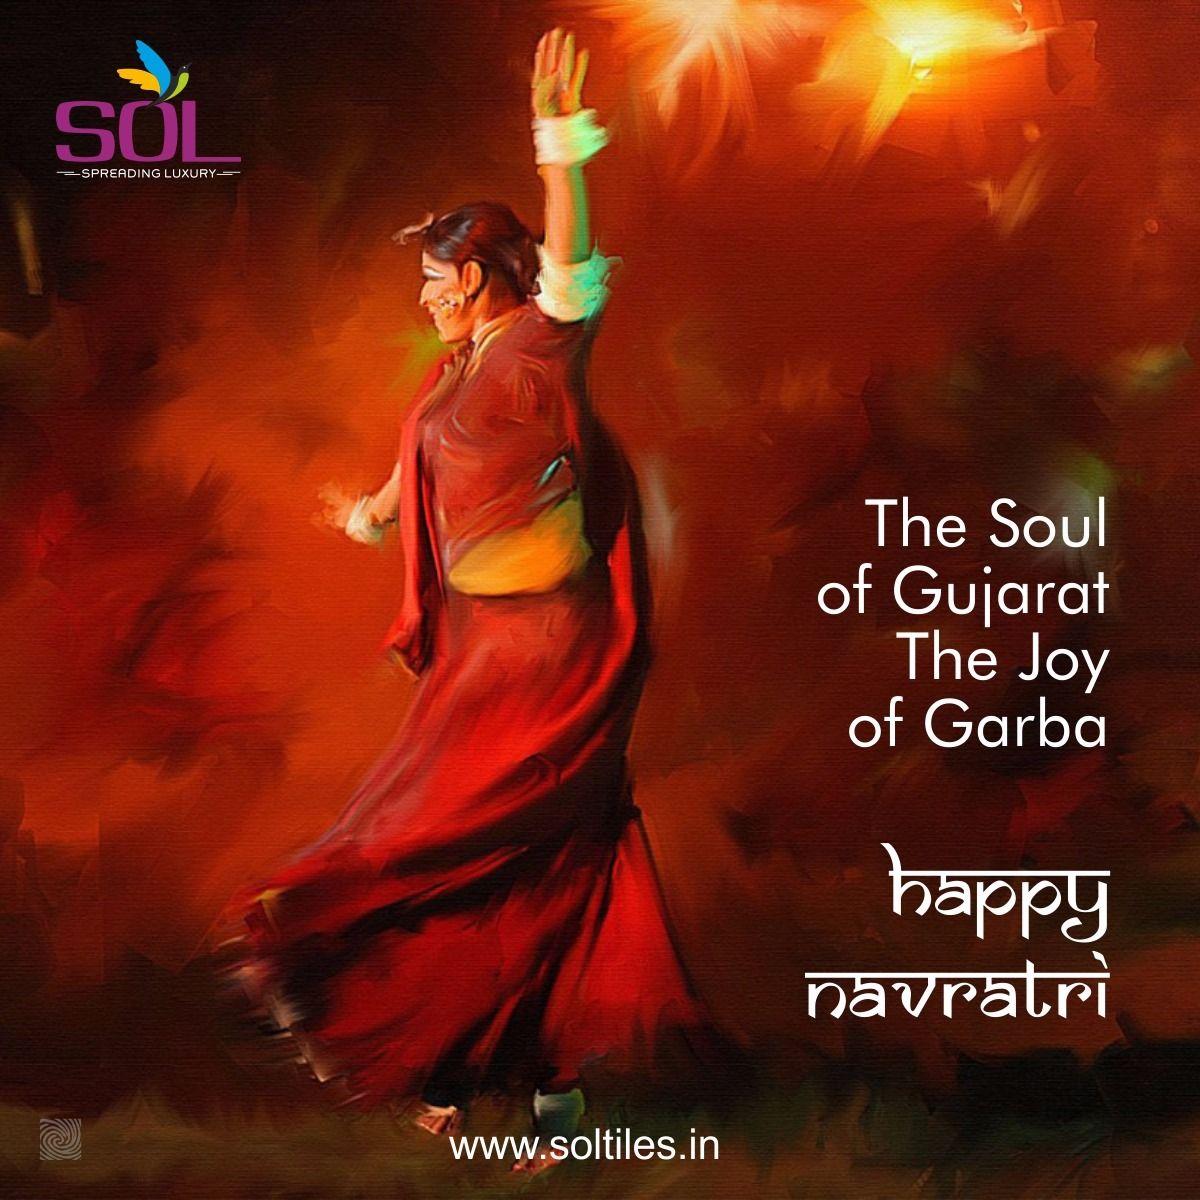 The Soul of Gujarat, the Joy of Garba - Happy Navratri